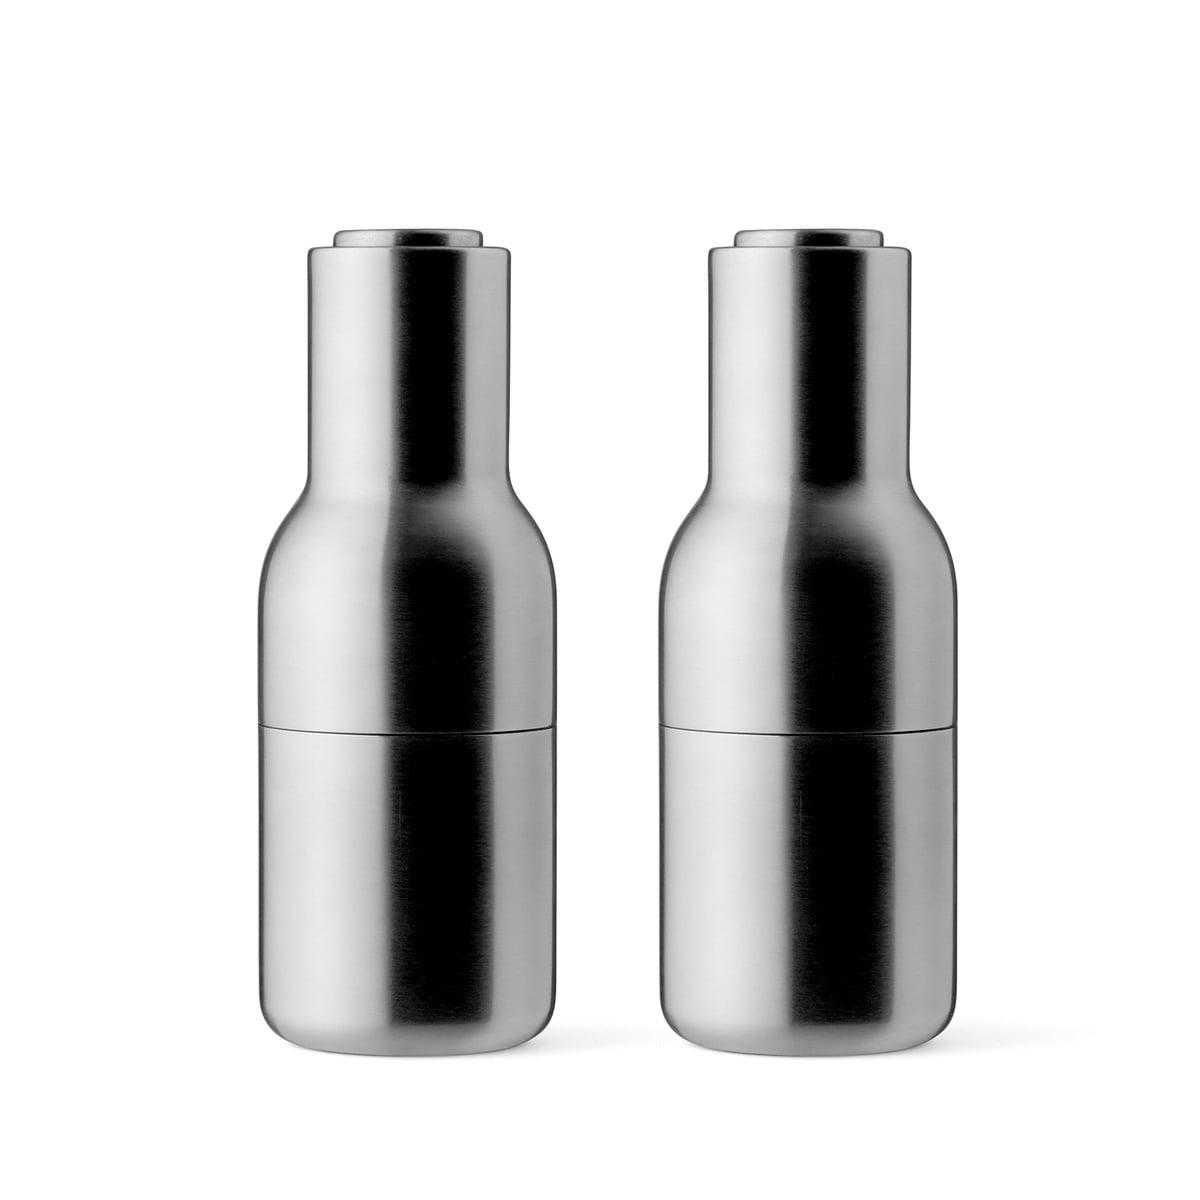 Bottle Salt Pepper Grinder By Menu In The Shop